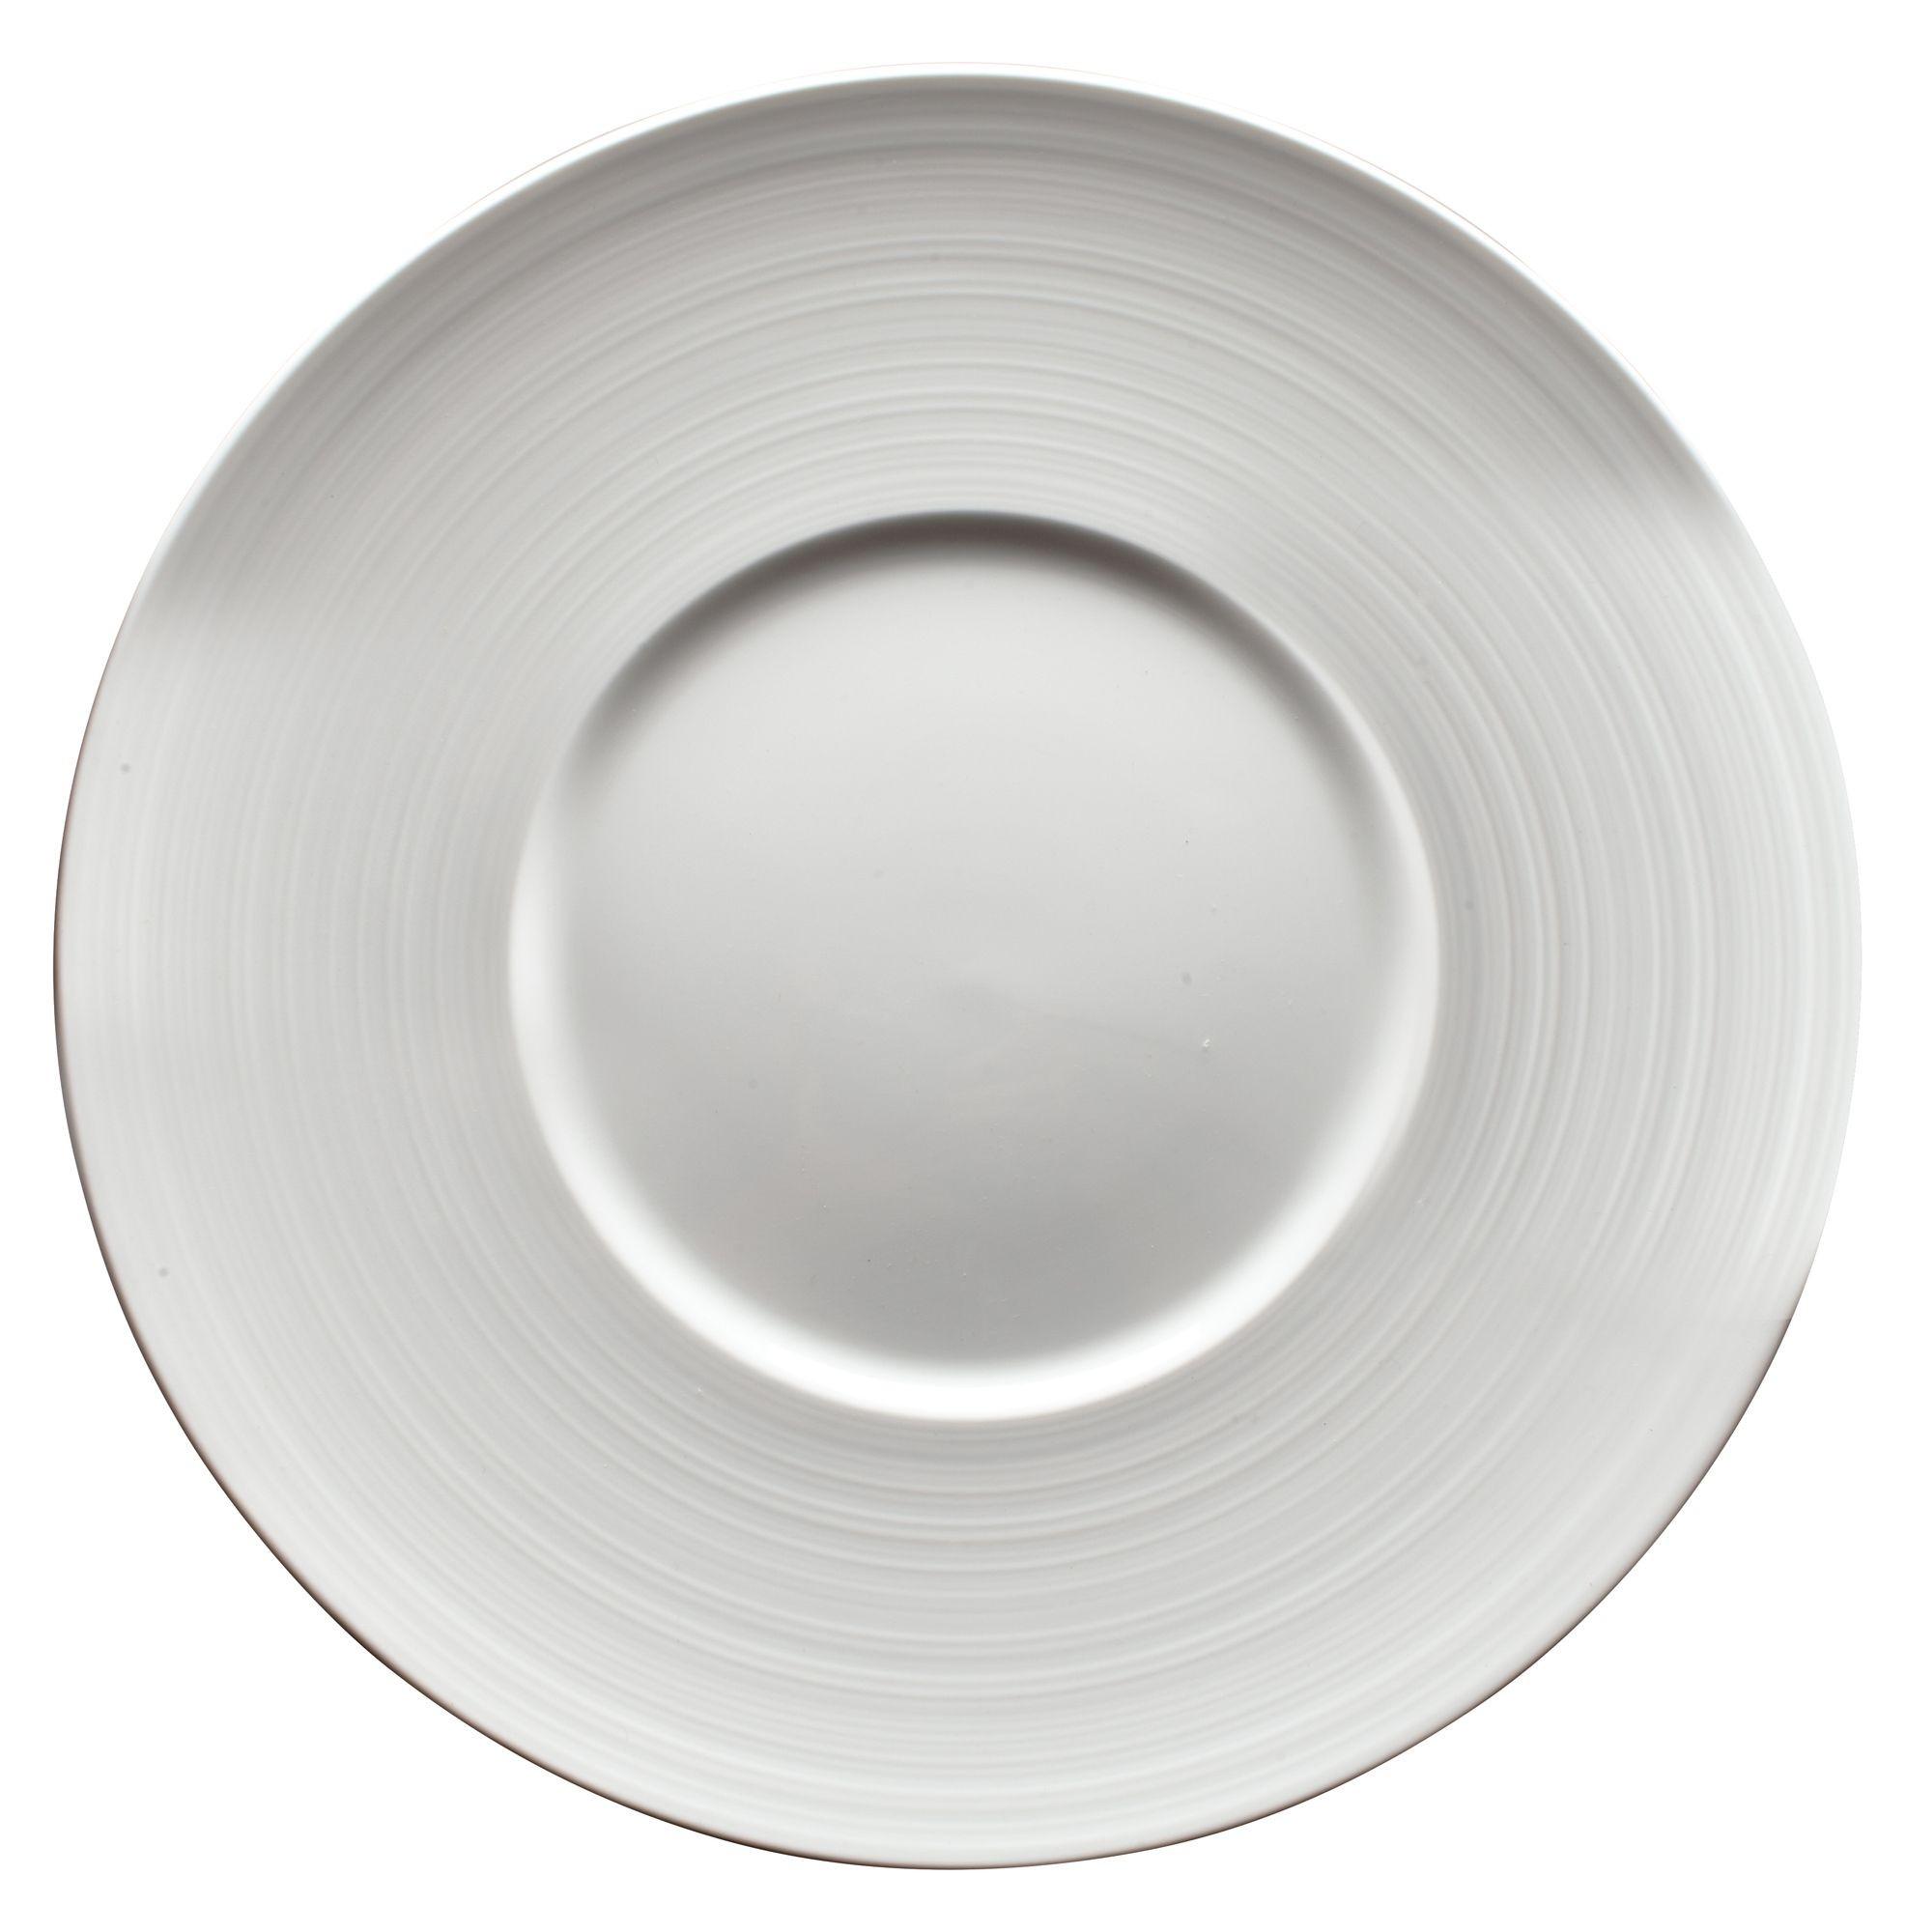 """Winco WDP022-109 Zendo Porcelain Bright White Round Plate 11-1/8"""""""